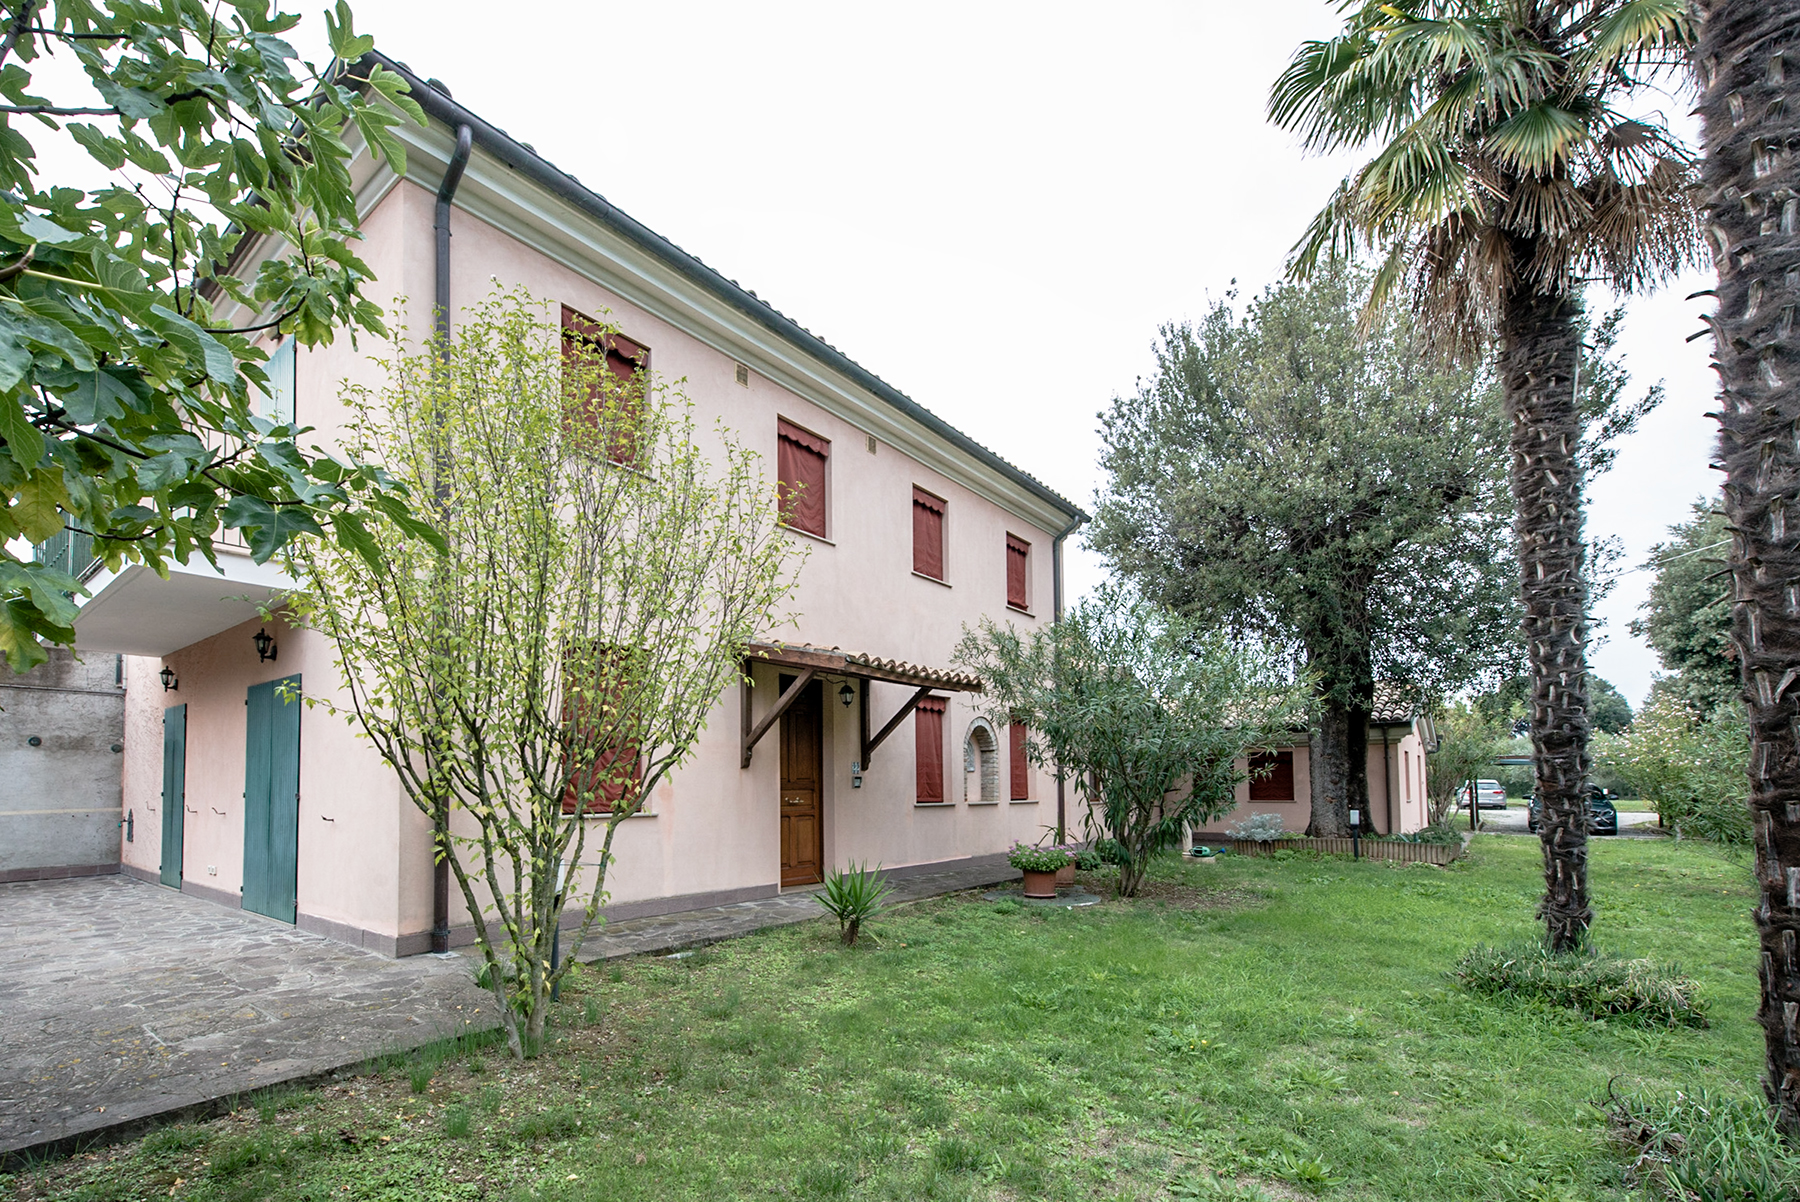 Villa in Vendita a Mondolfo: 5 locali, 240 mq - Foto 2